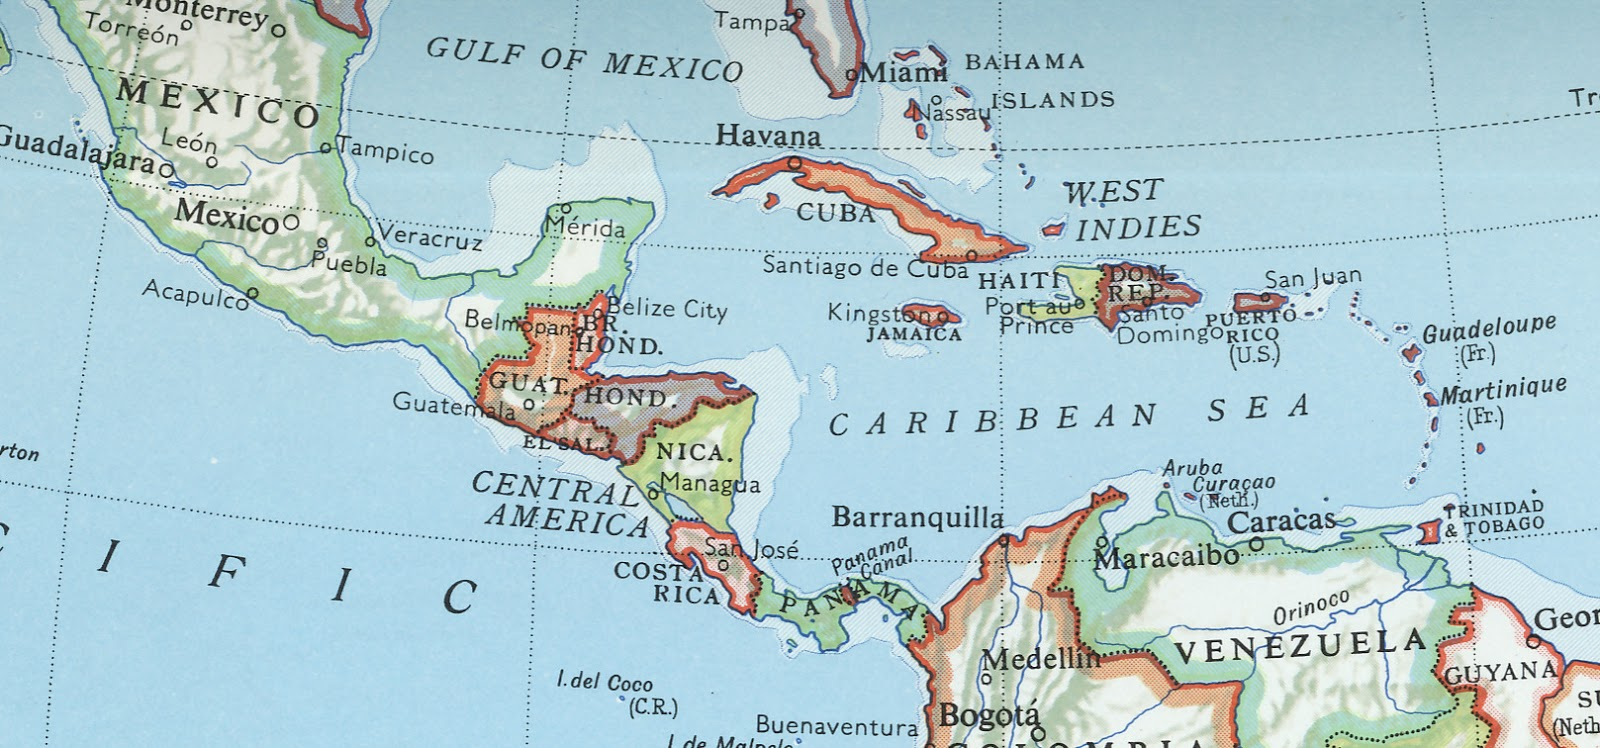 39 zien en weten 39 amerika midden caribische eilanden vlaggen en wapenemblemen deel 8 - In het midden eiland grootte ...